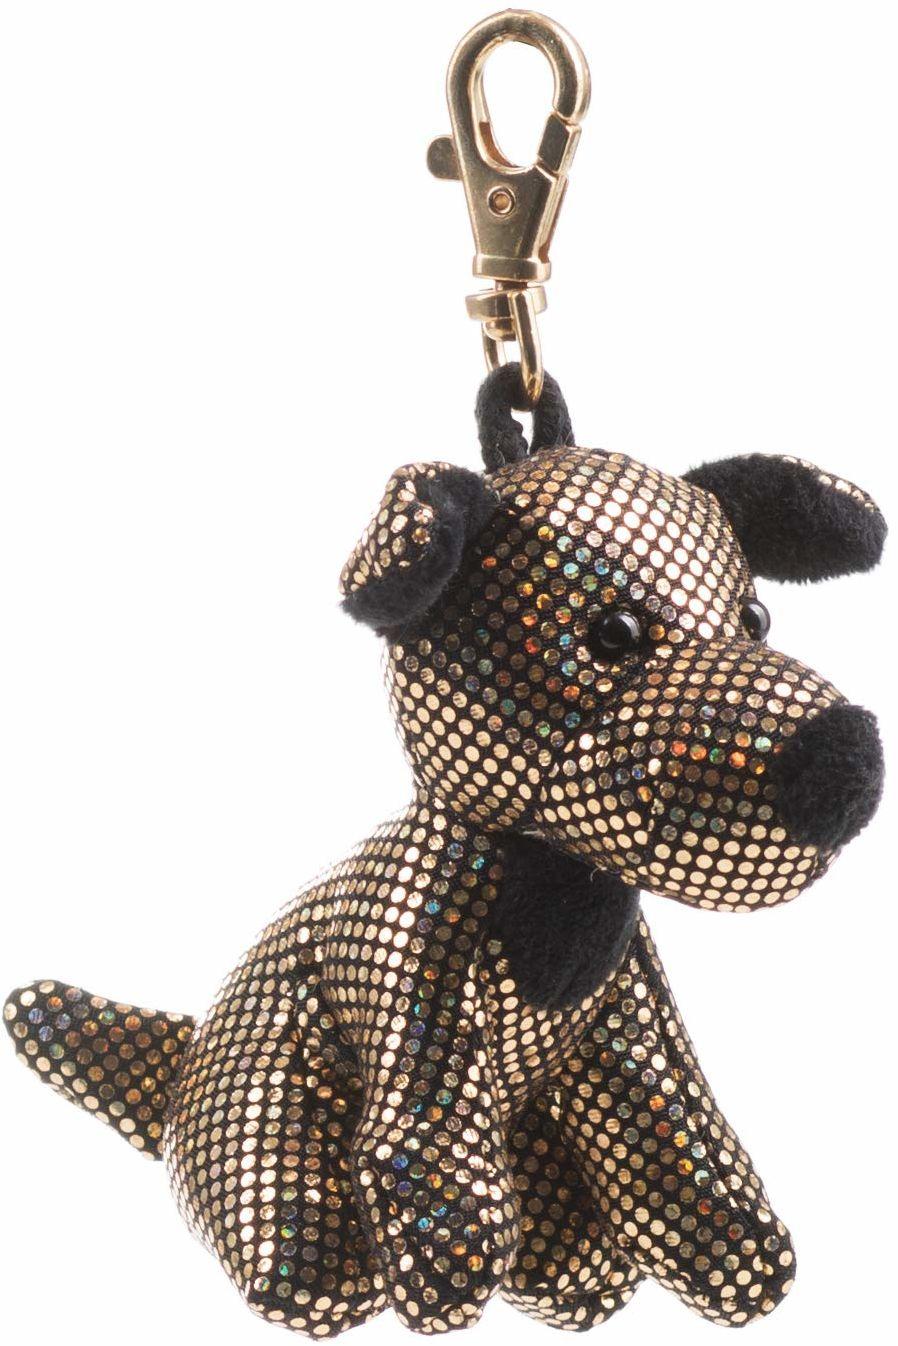 Schaffer Knuddel mich! 2705 Glitter & Glamour terrier pluszowy pies, złoty